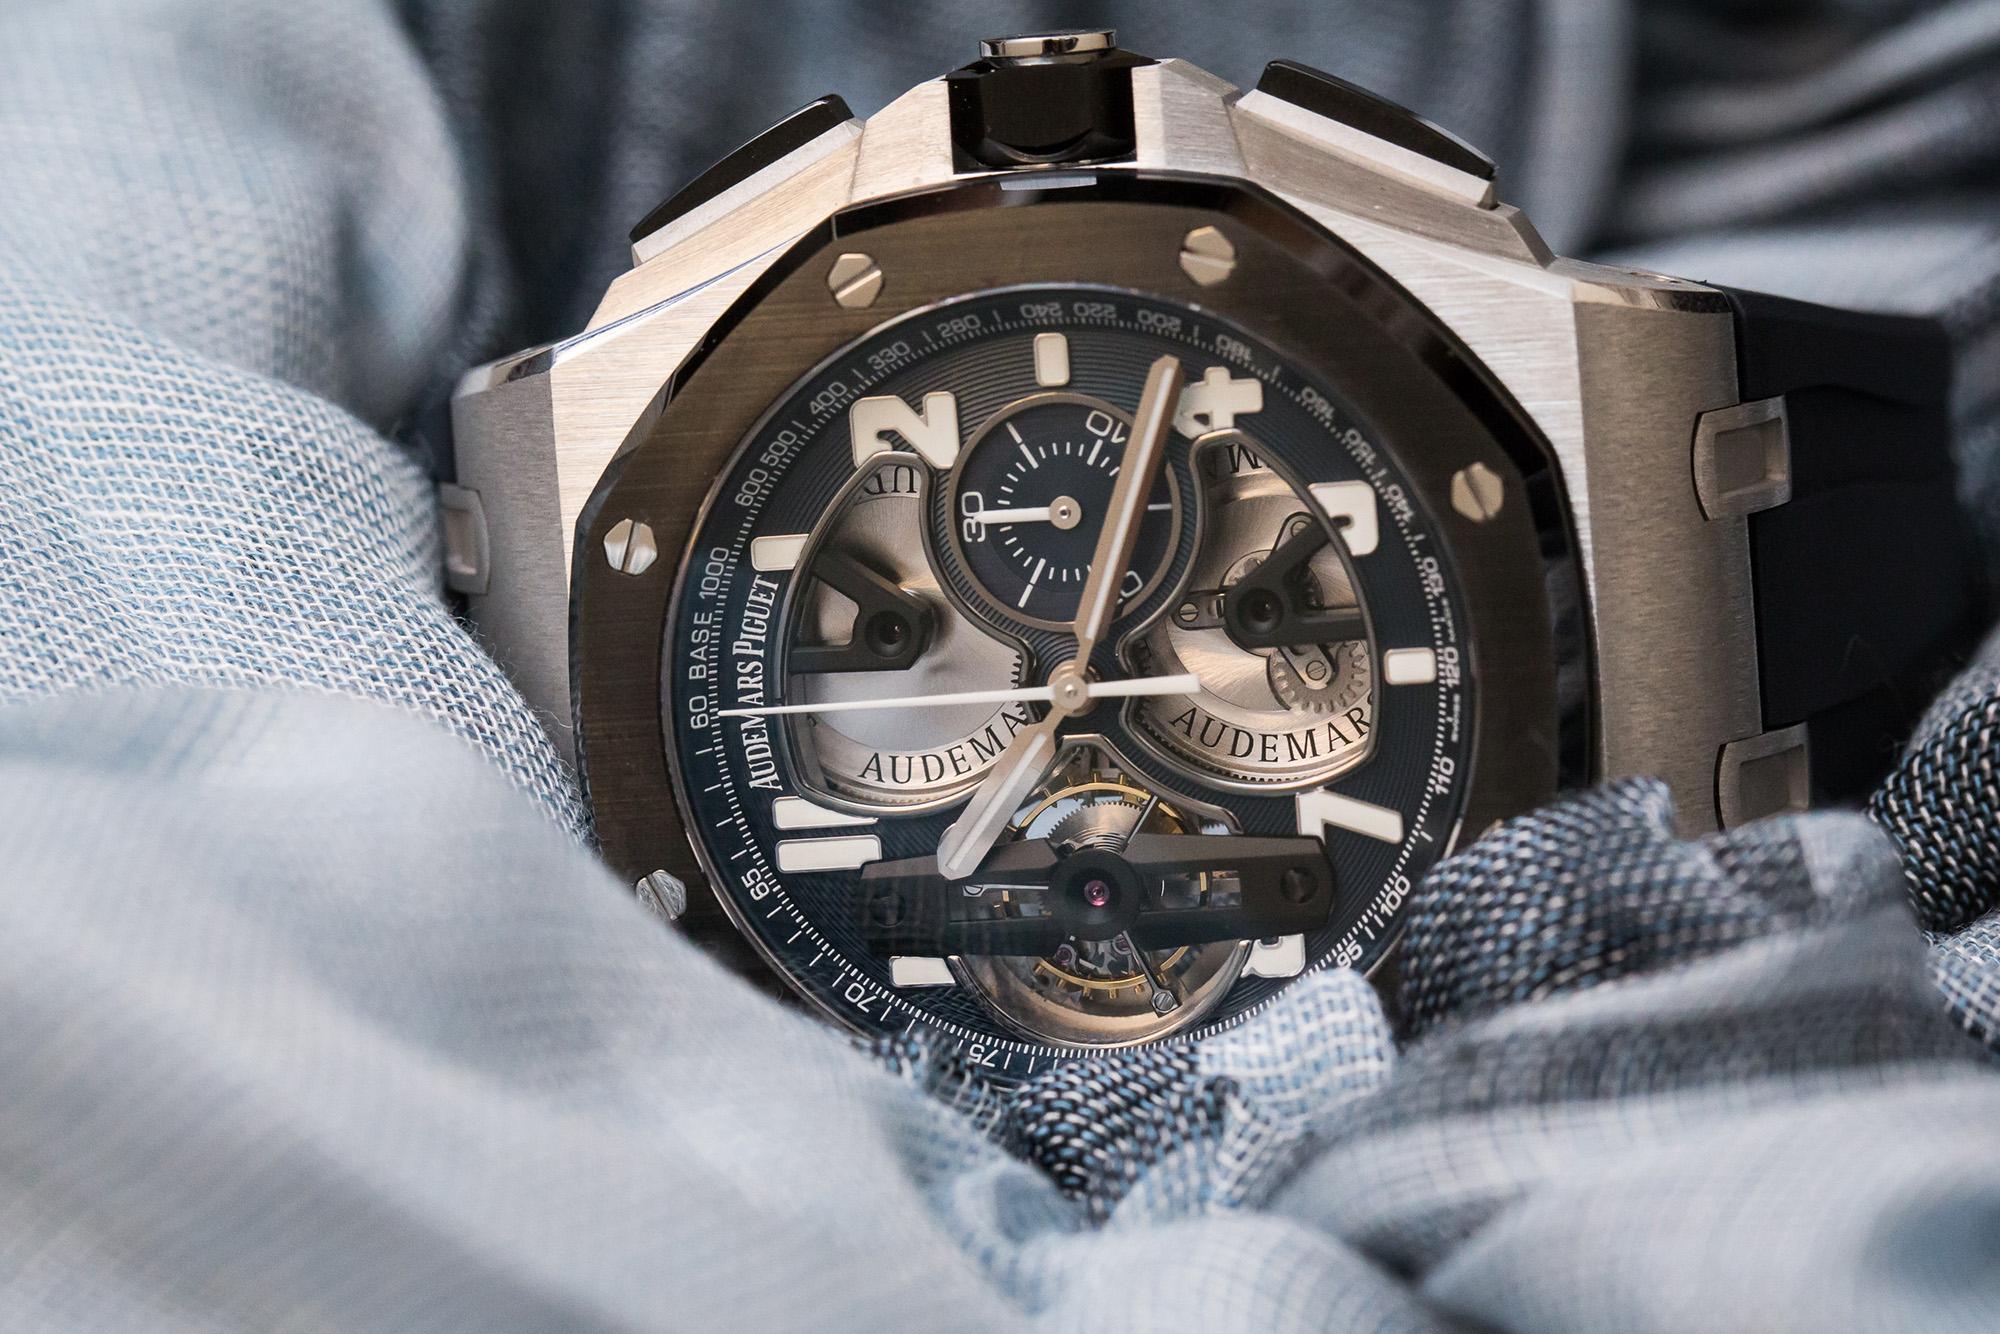 Audemars Piguet Tourbillon Chronograph (SIHH 2014)